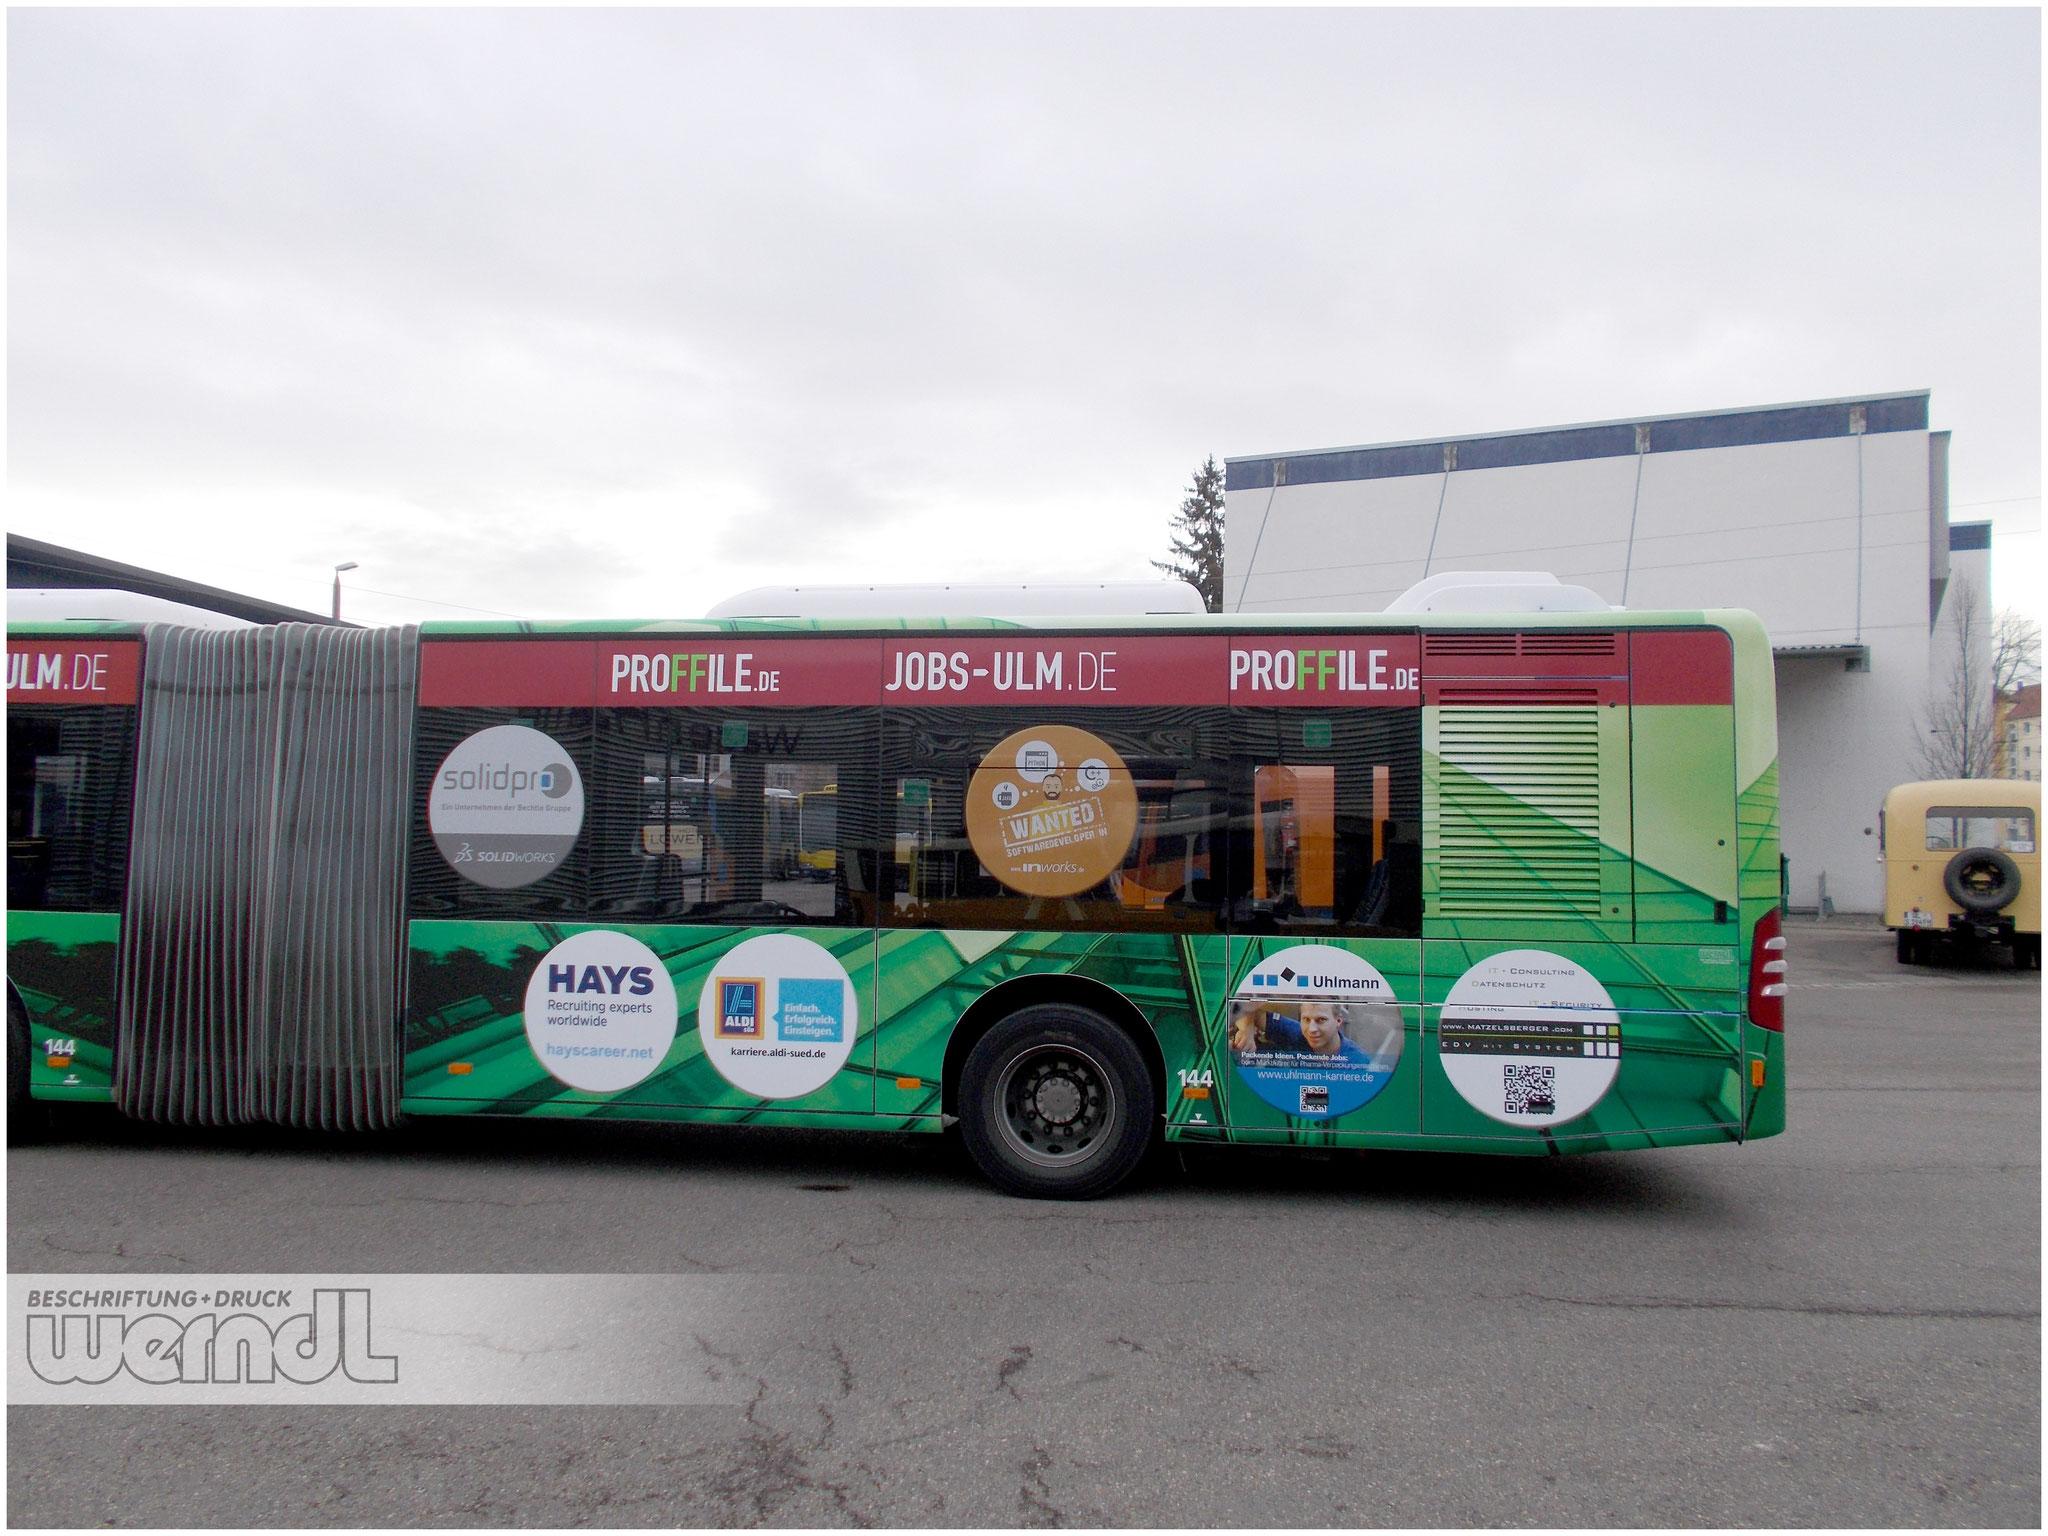 Gelenkbus Vollfolierung Jobs-Ulm / Proffile